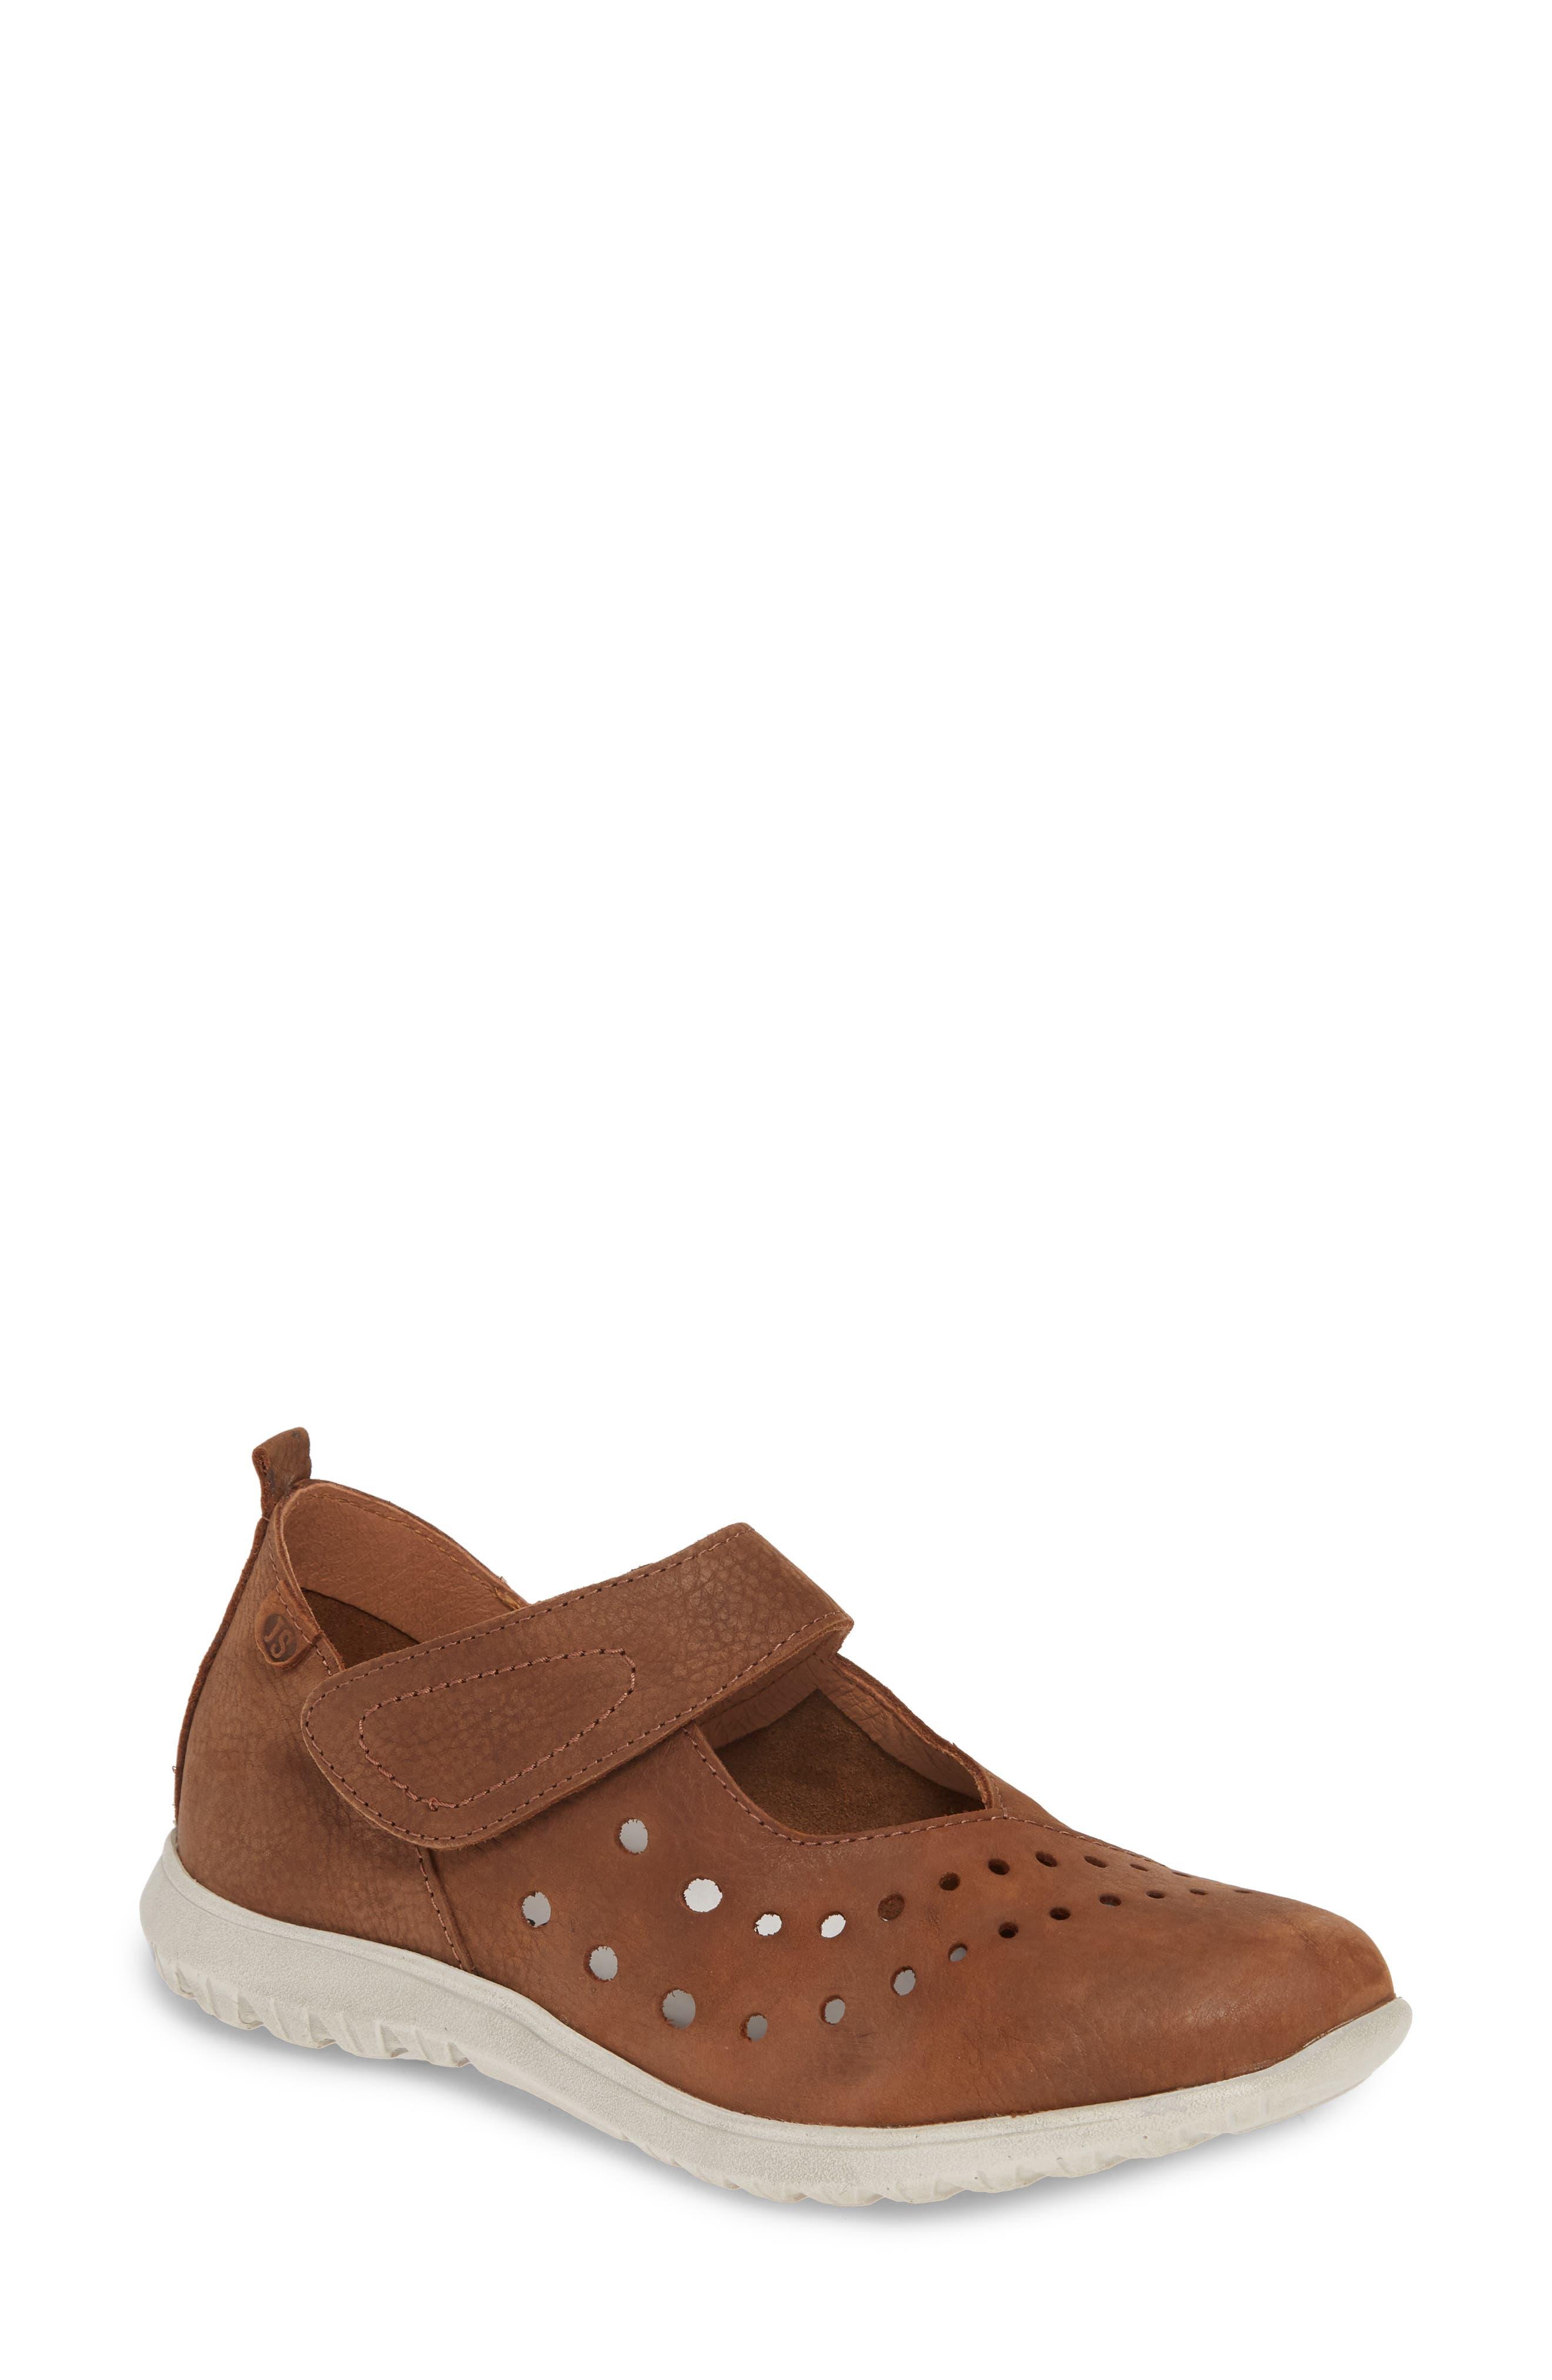 Josef Seibel Malena 11 Mary Jane Sneaker, Beige